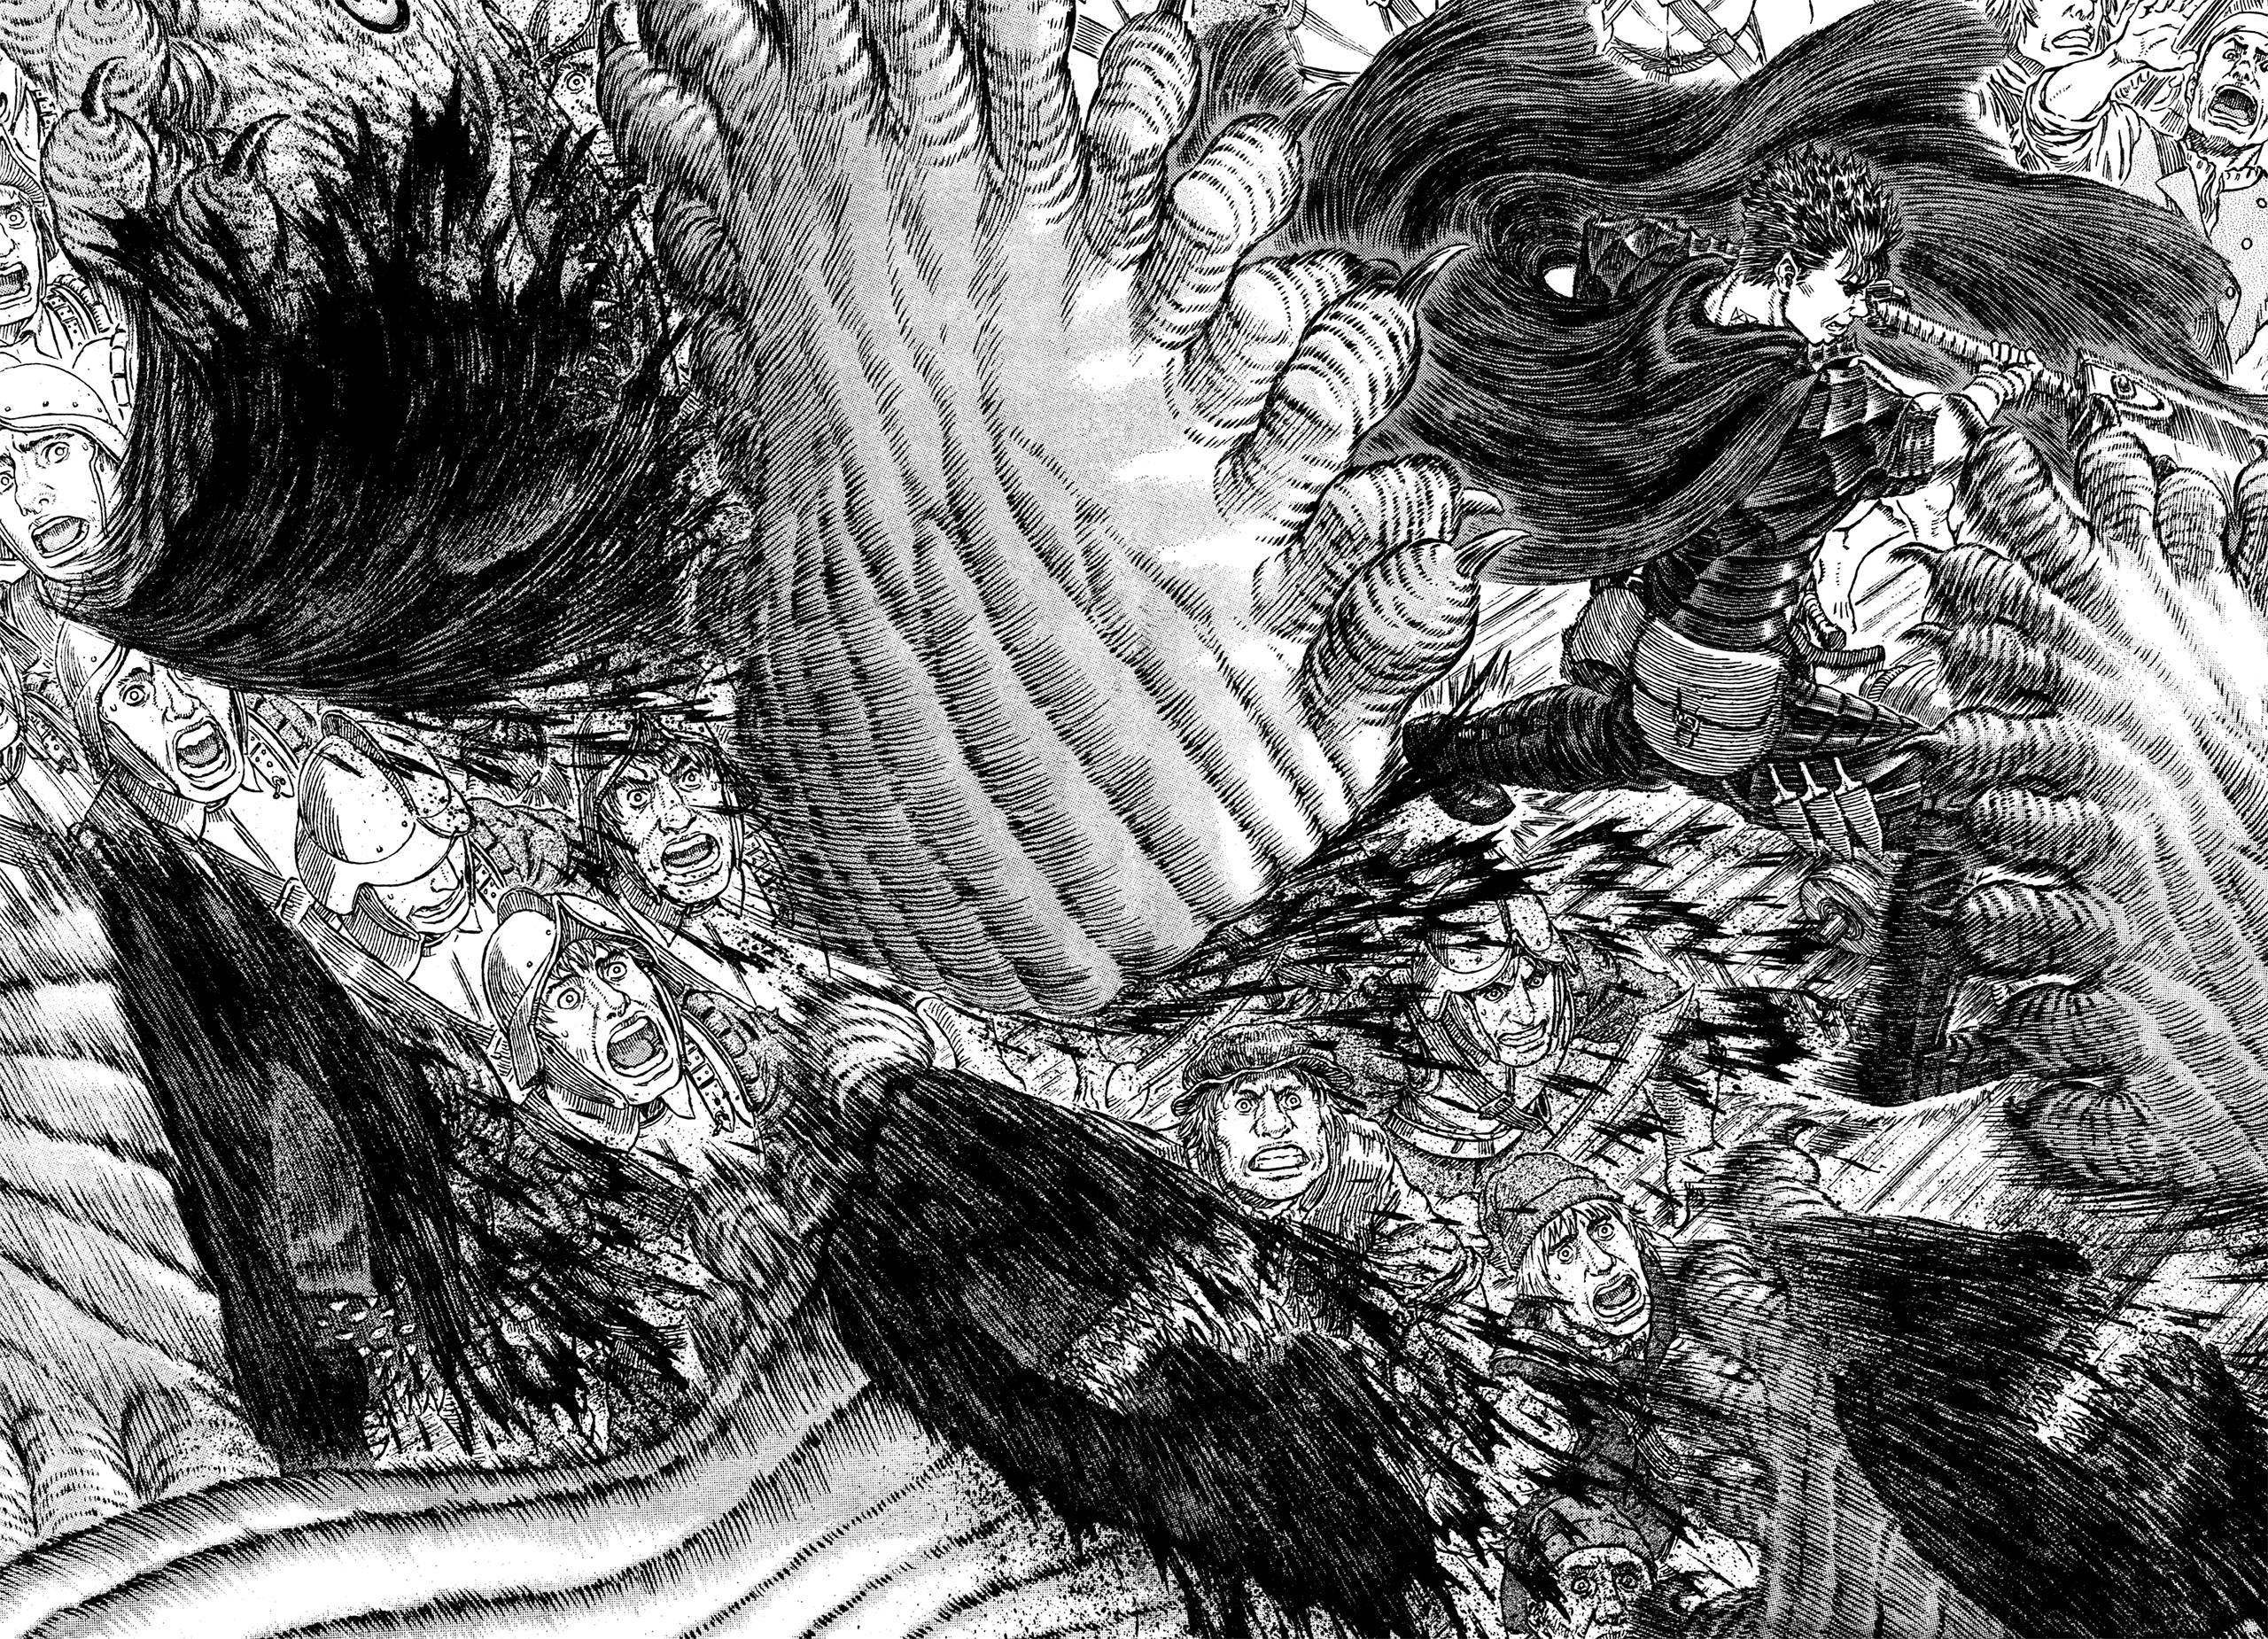 Berserk Computer Wallpapers Desktop Backgrounds 2560x1850 ID 2560x1850